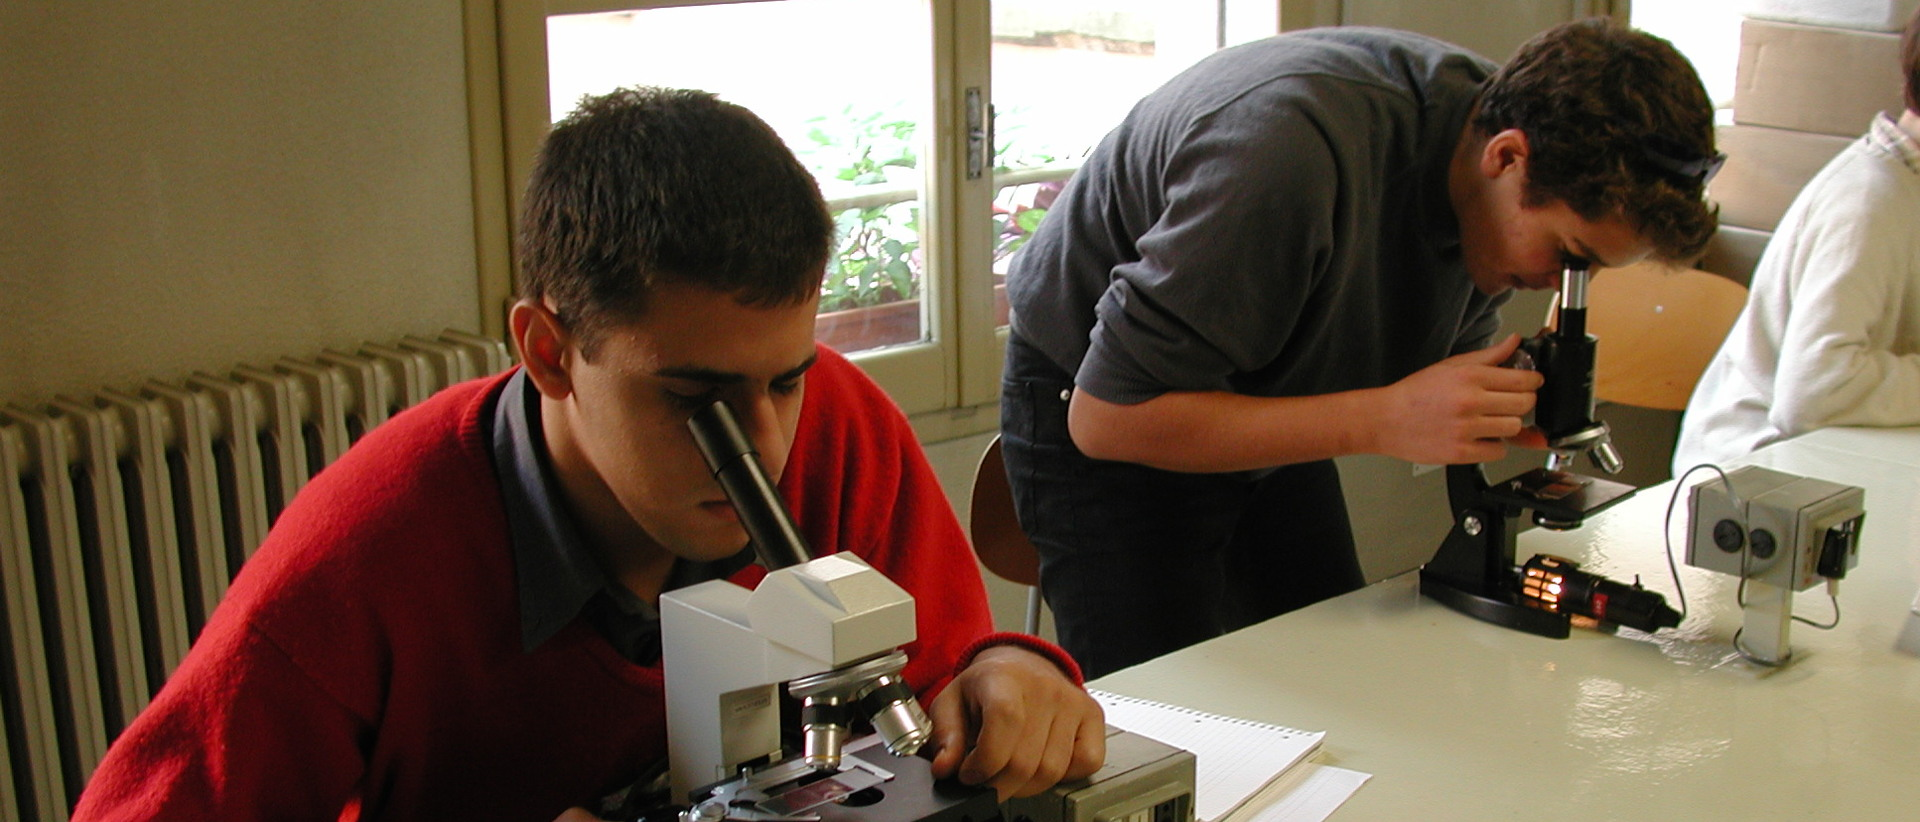 Studenti a scuola